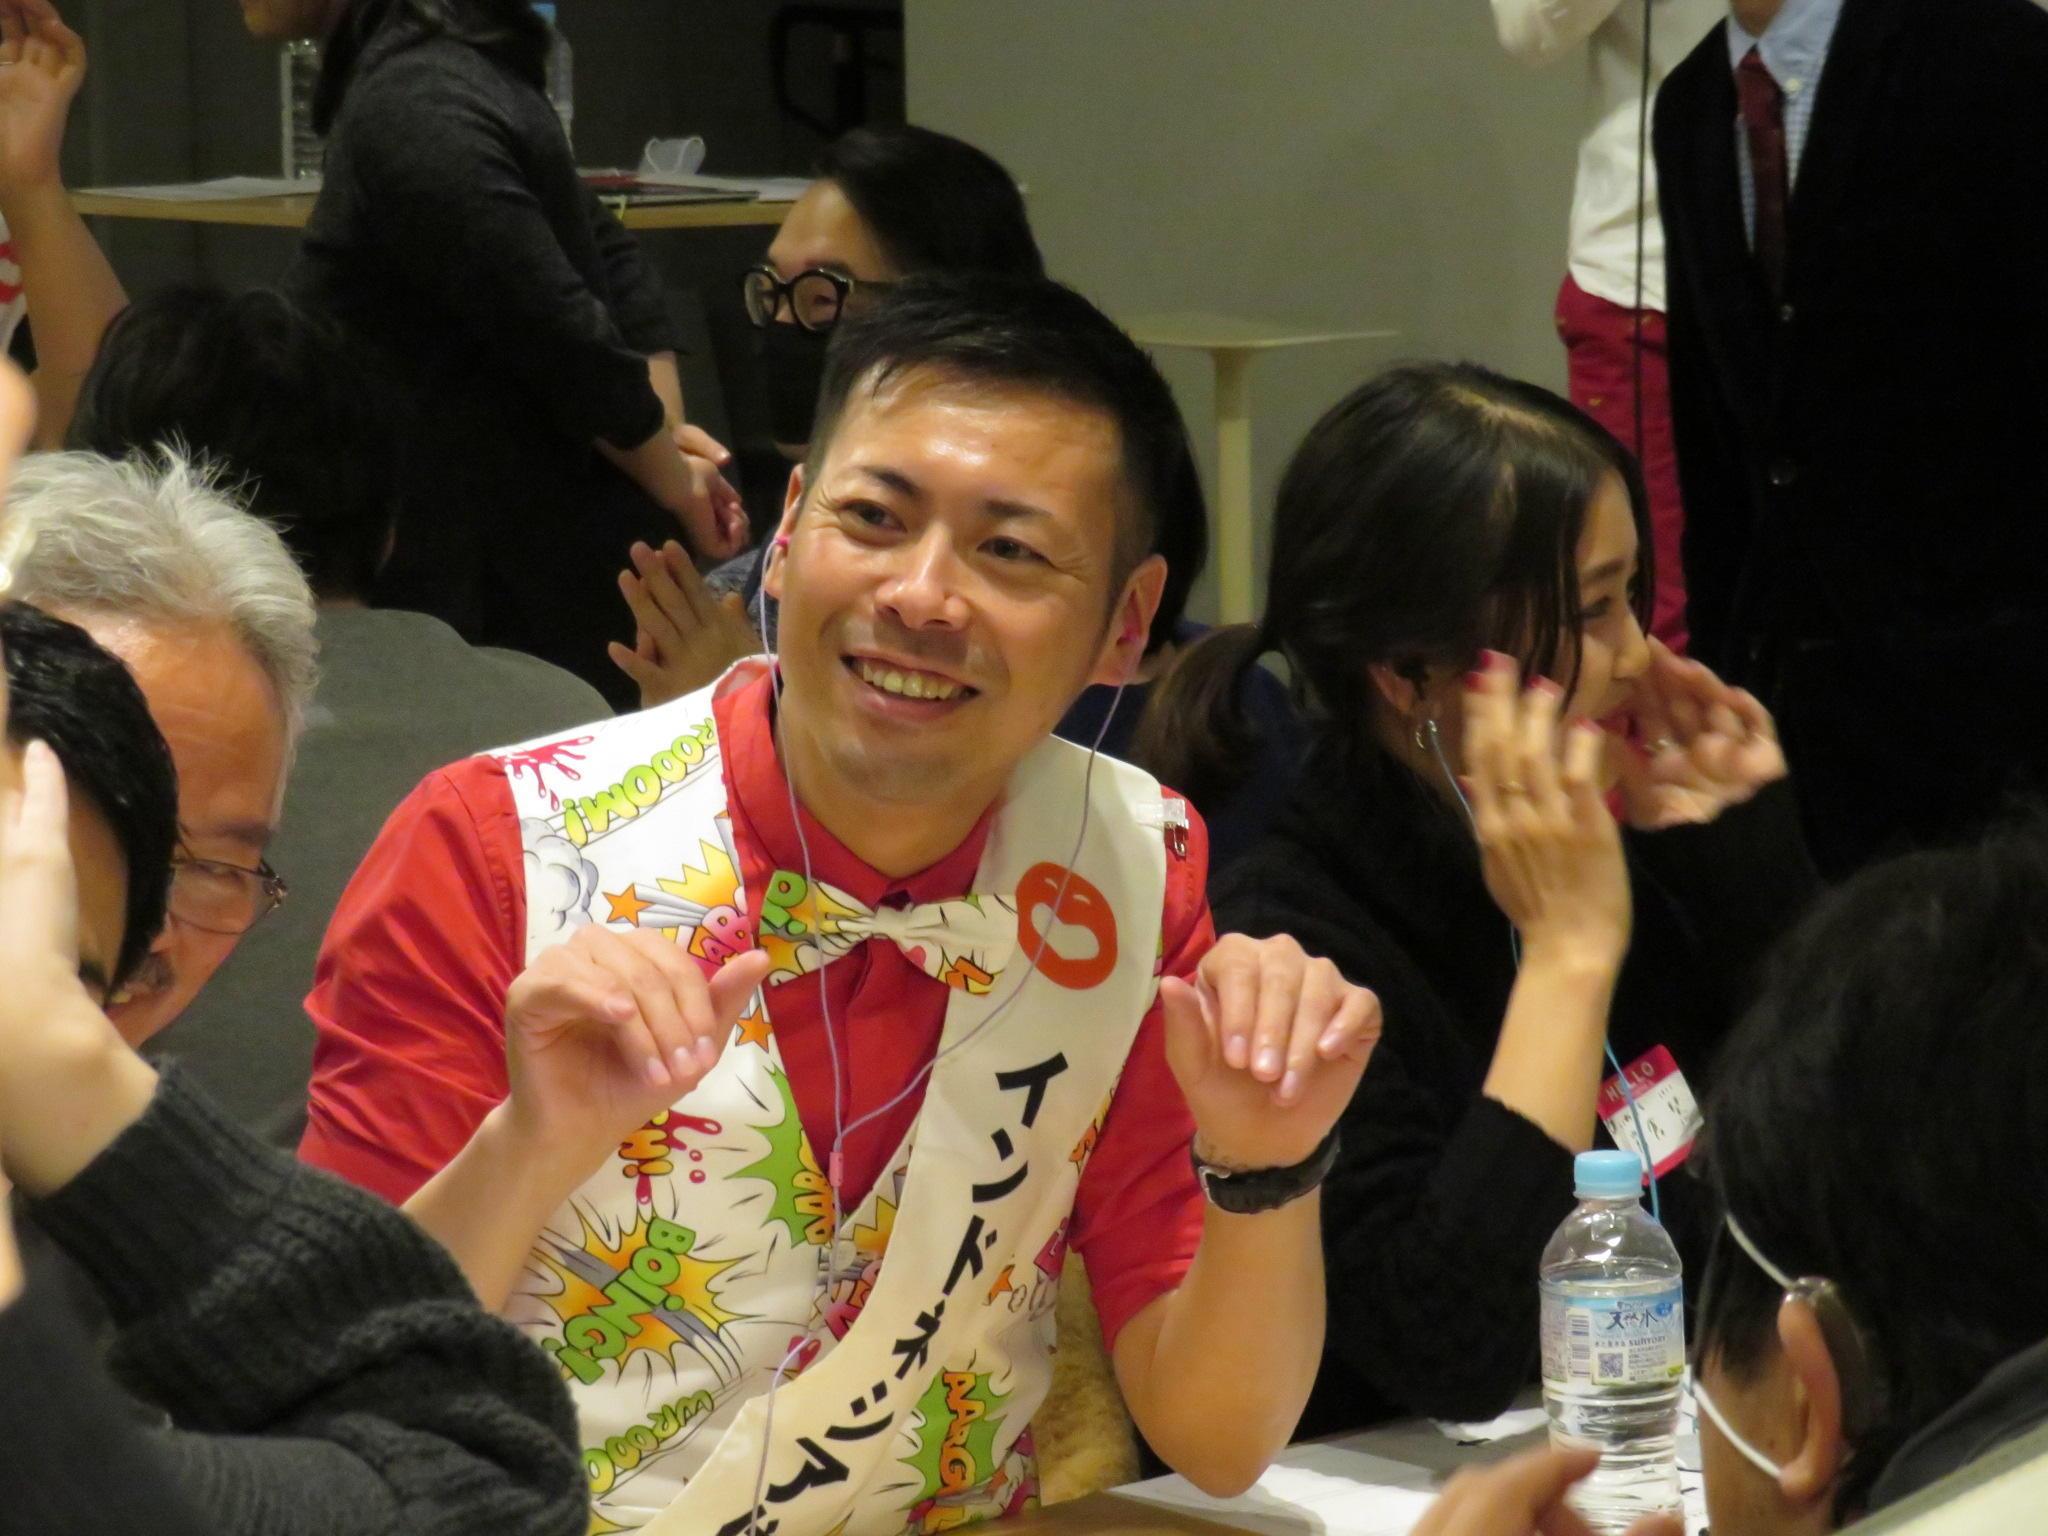 http://news.yoshimoto.co.jp/20181230001848-0cff76fb53e70e7e3cc5bc7e101bdace95de19c1.jpg